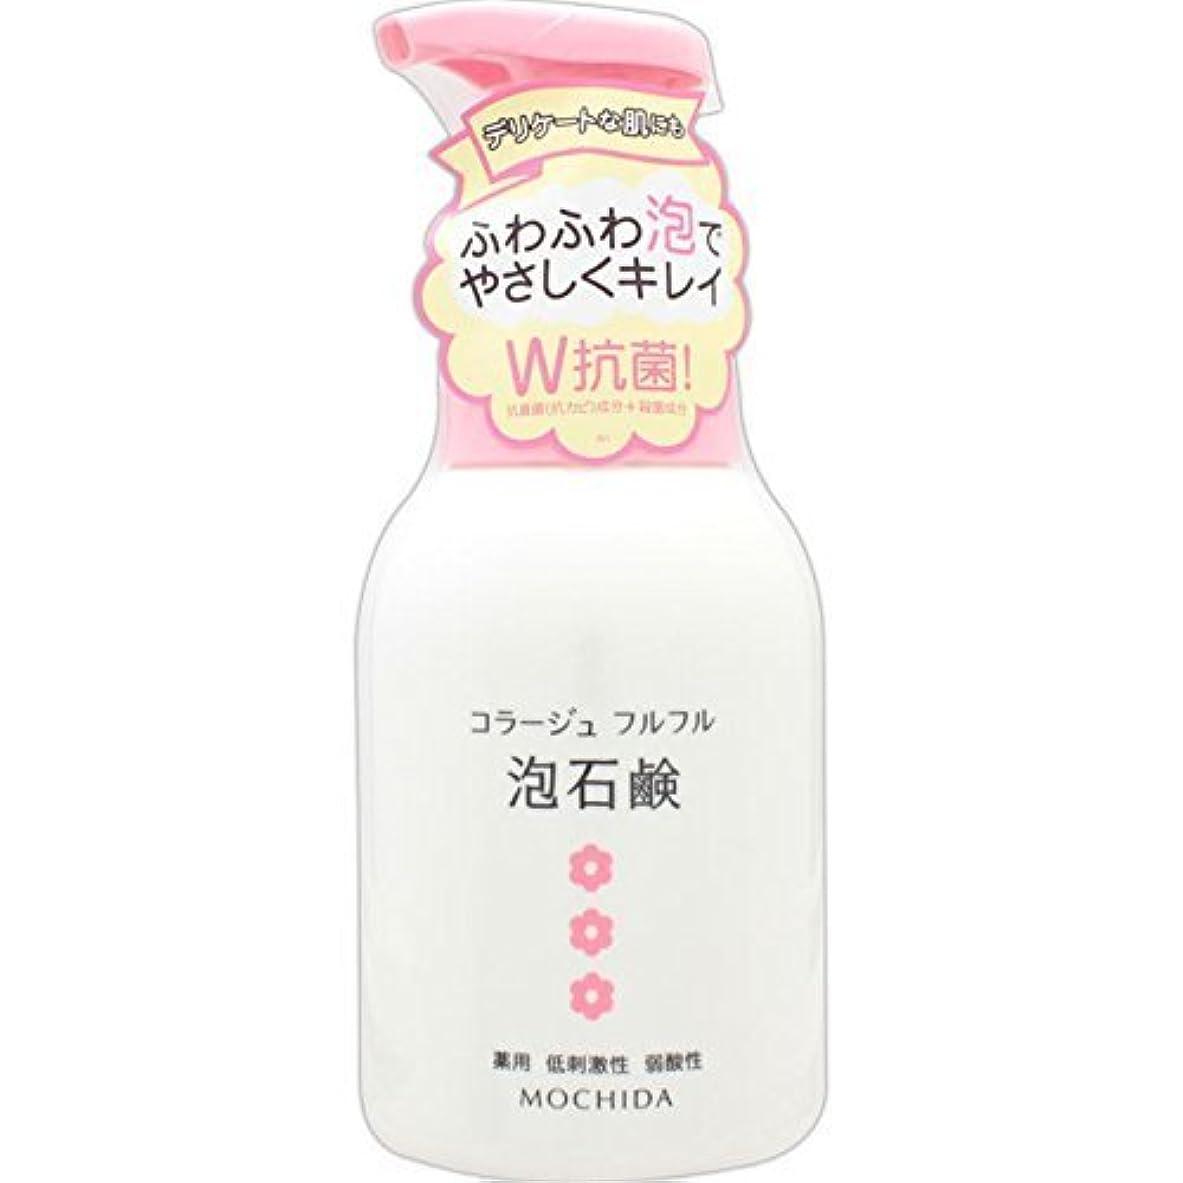 悪化させる祖父母を訪問シフトコラージュフルフル 泡石鹸 ピンク 300m L (医薬部外品) ×9